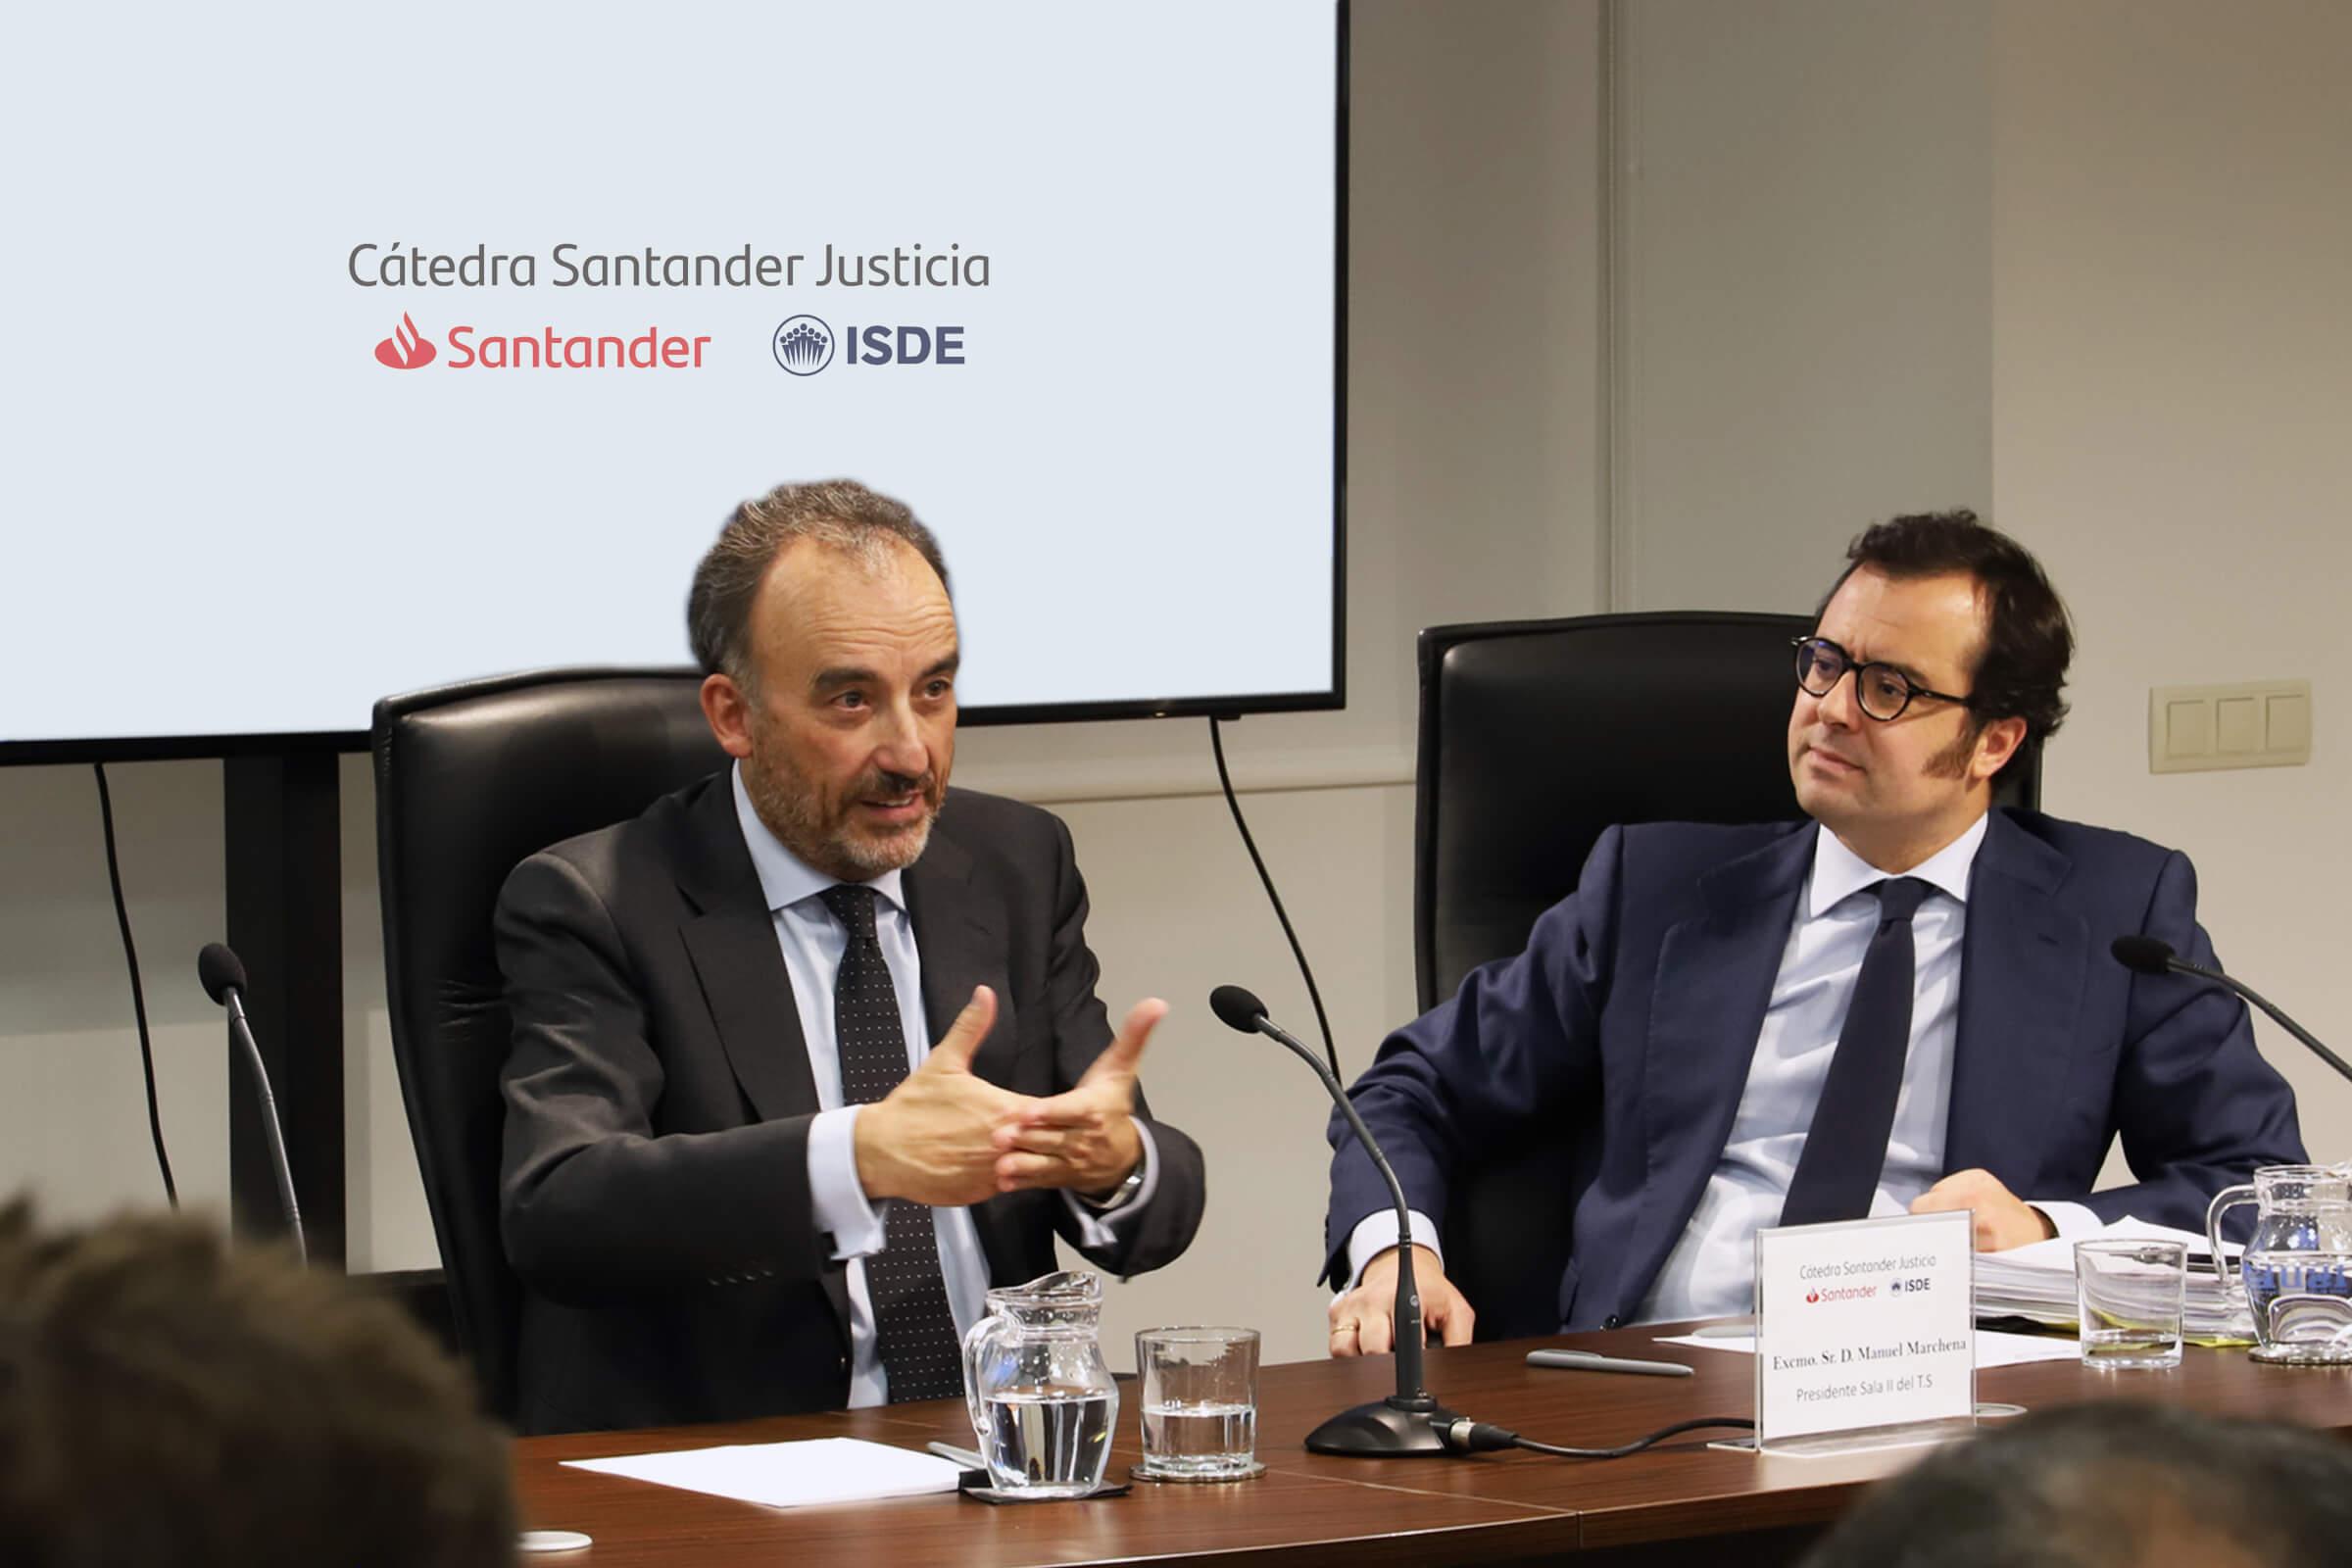 Manuel Marchena comparte su visión sobre el 'compliance' y la teoría general del delito